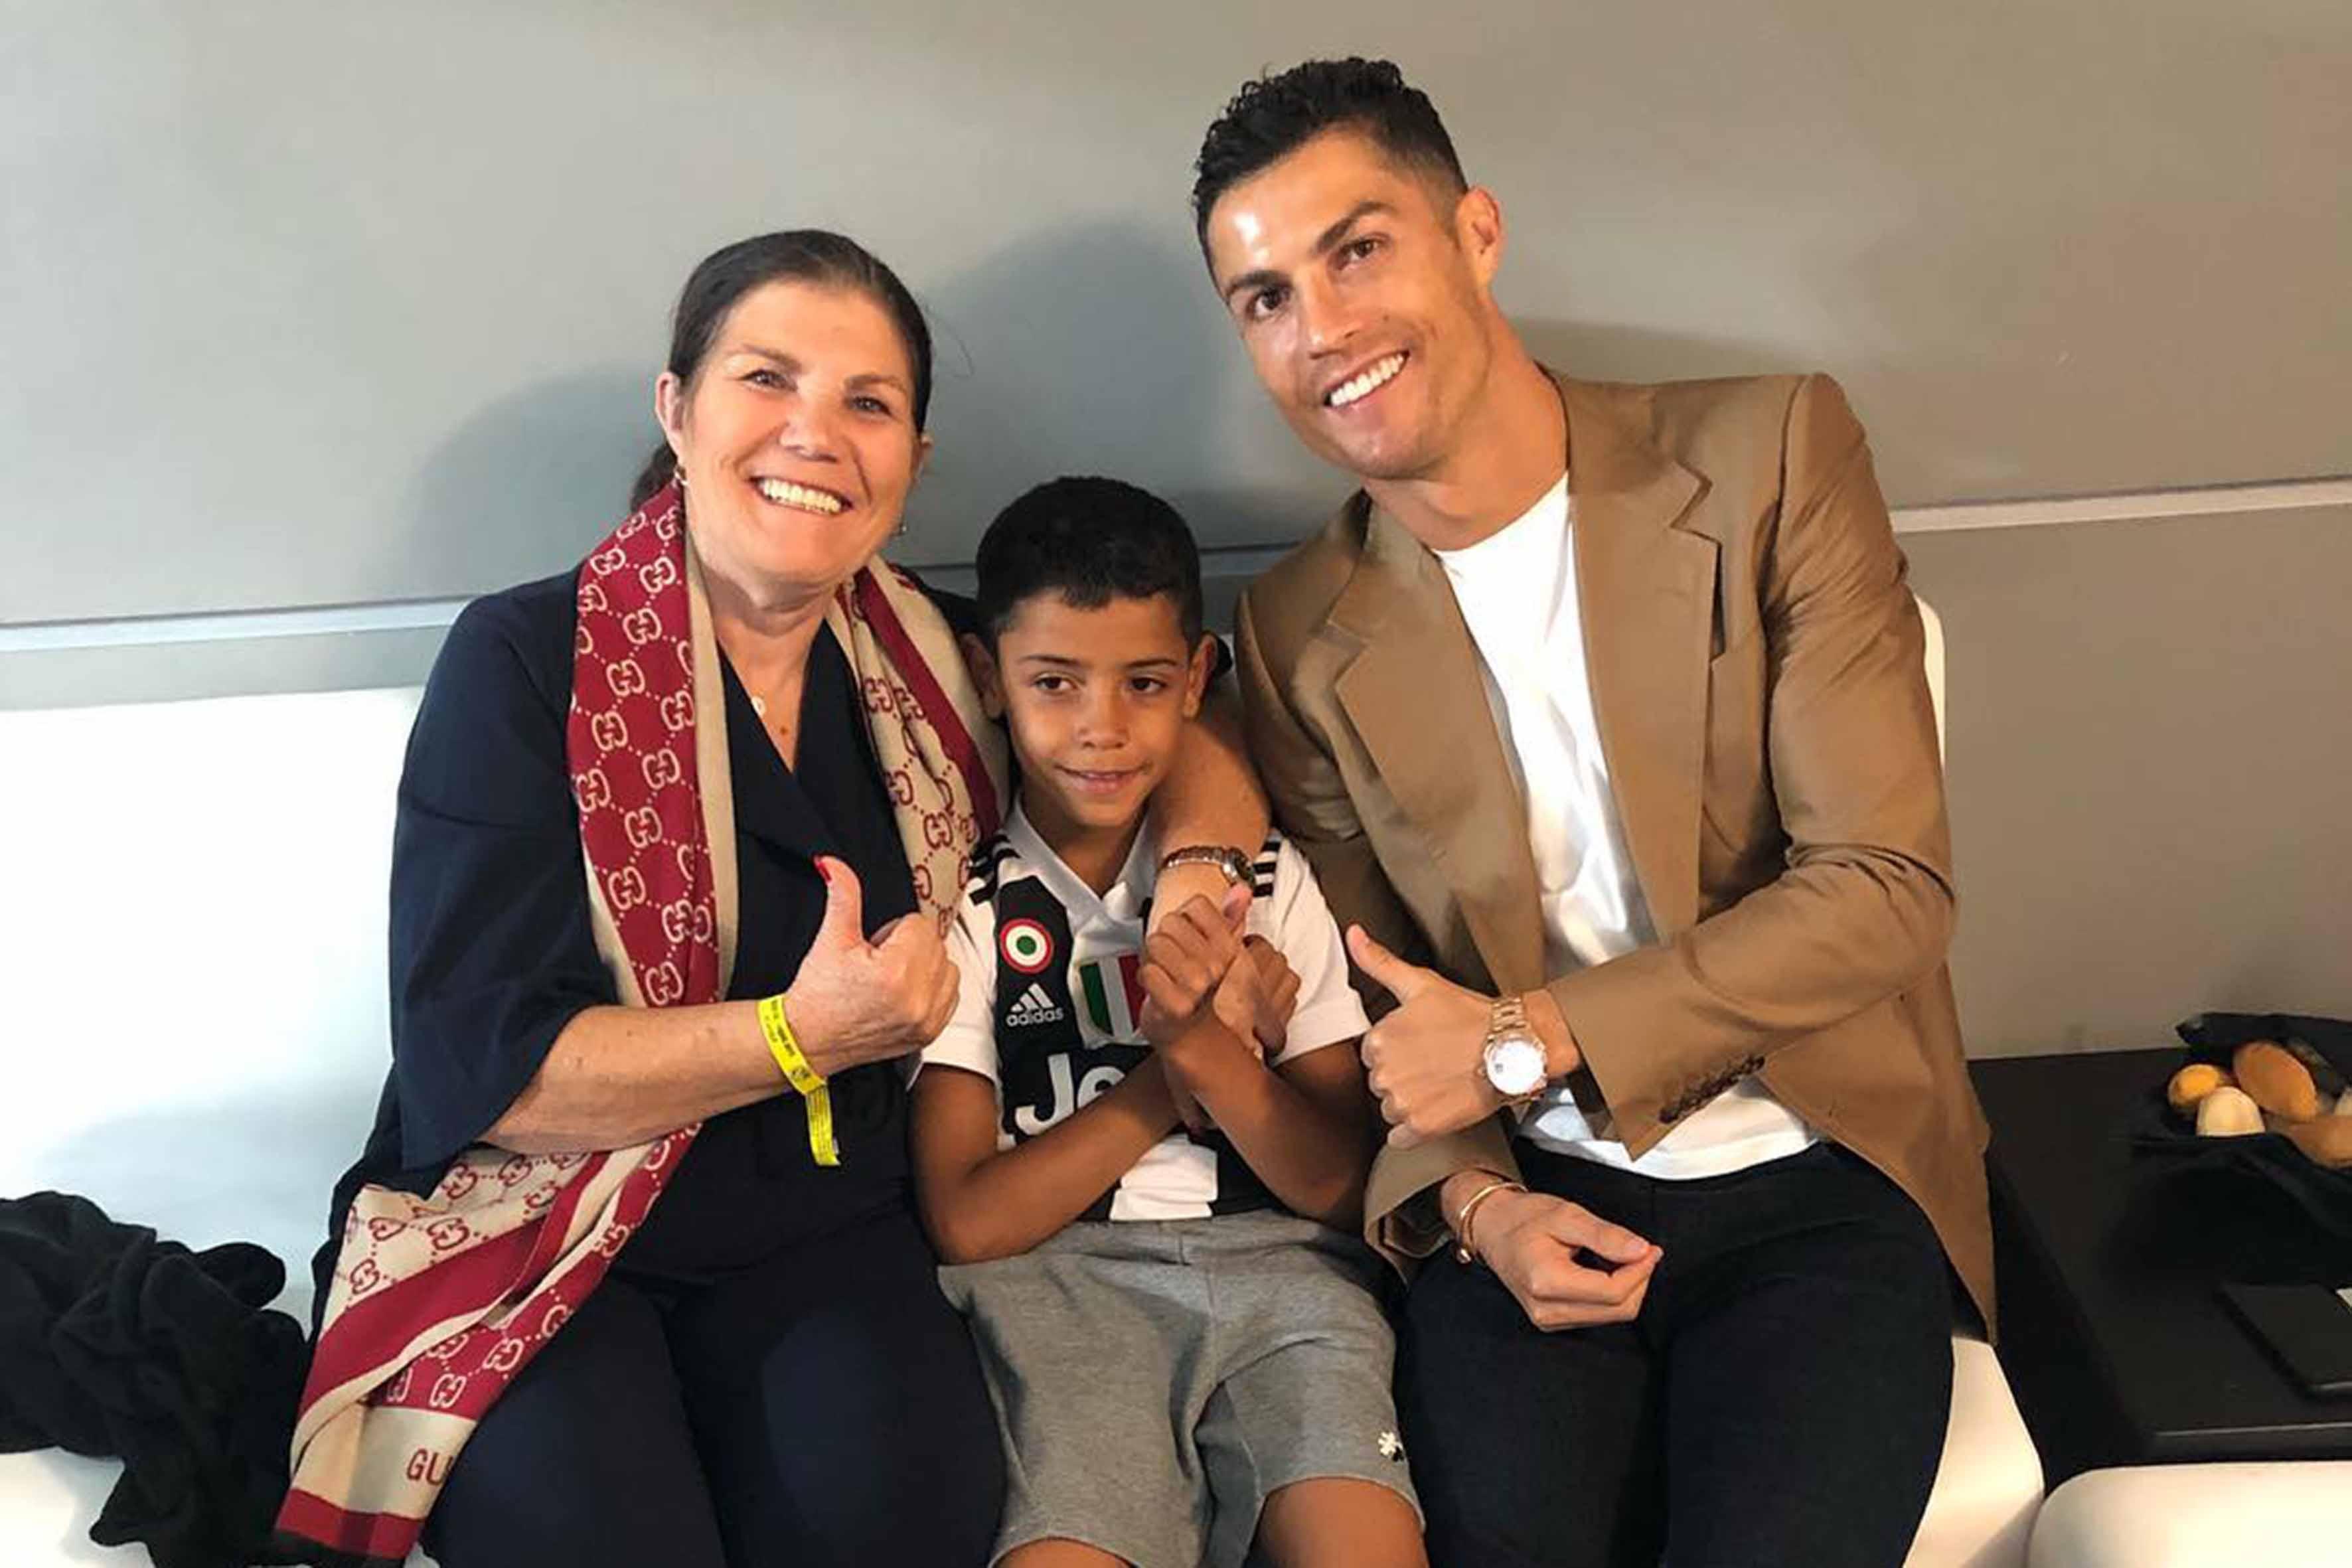 Mãe de Cristiano Ronaldo revela qual é o seu neto favorito